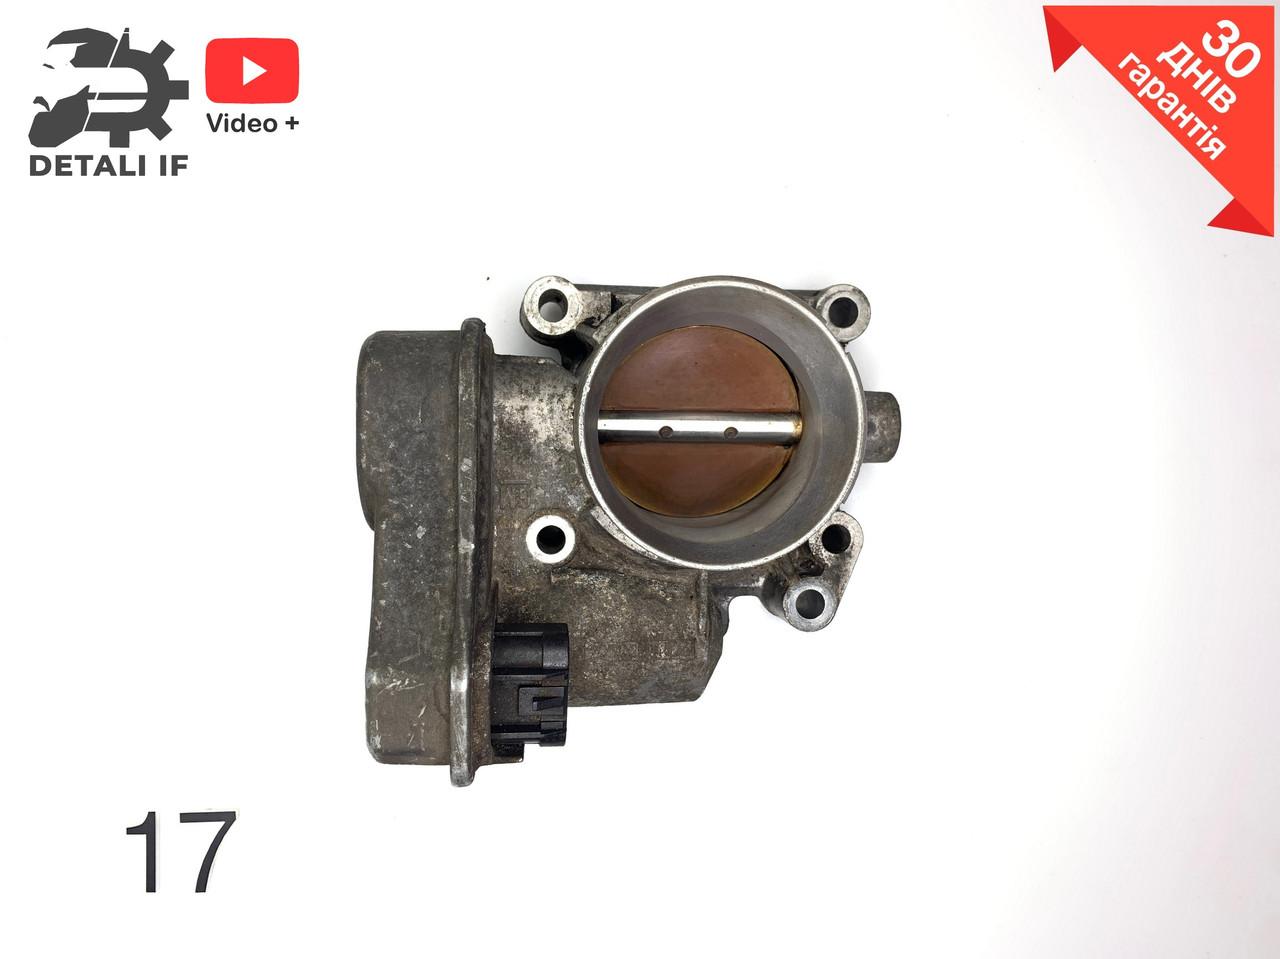 Дроссельная заслонка Vectra C Astra G, Вектра С Астра 2.2 Z22SE №17 12568796